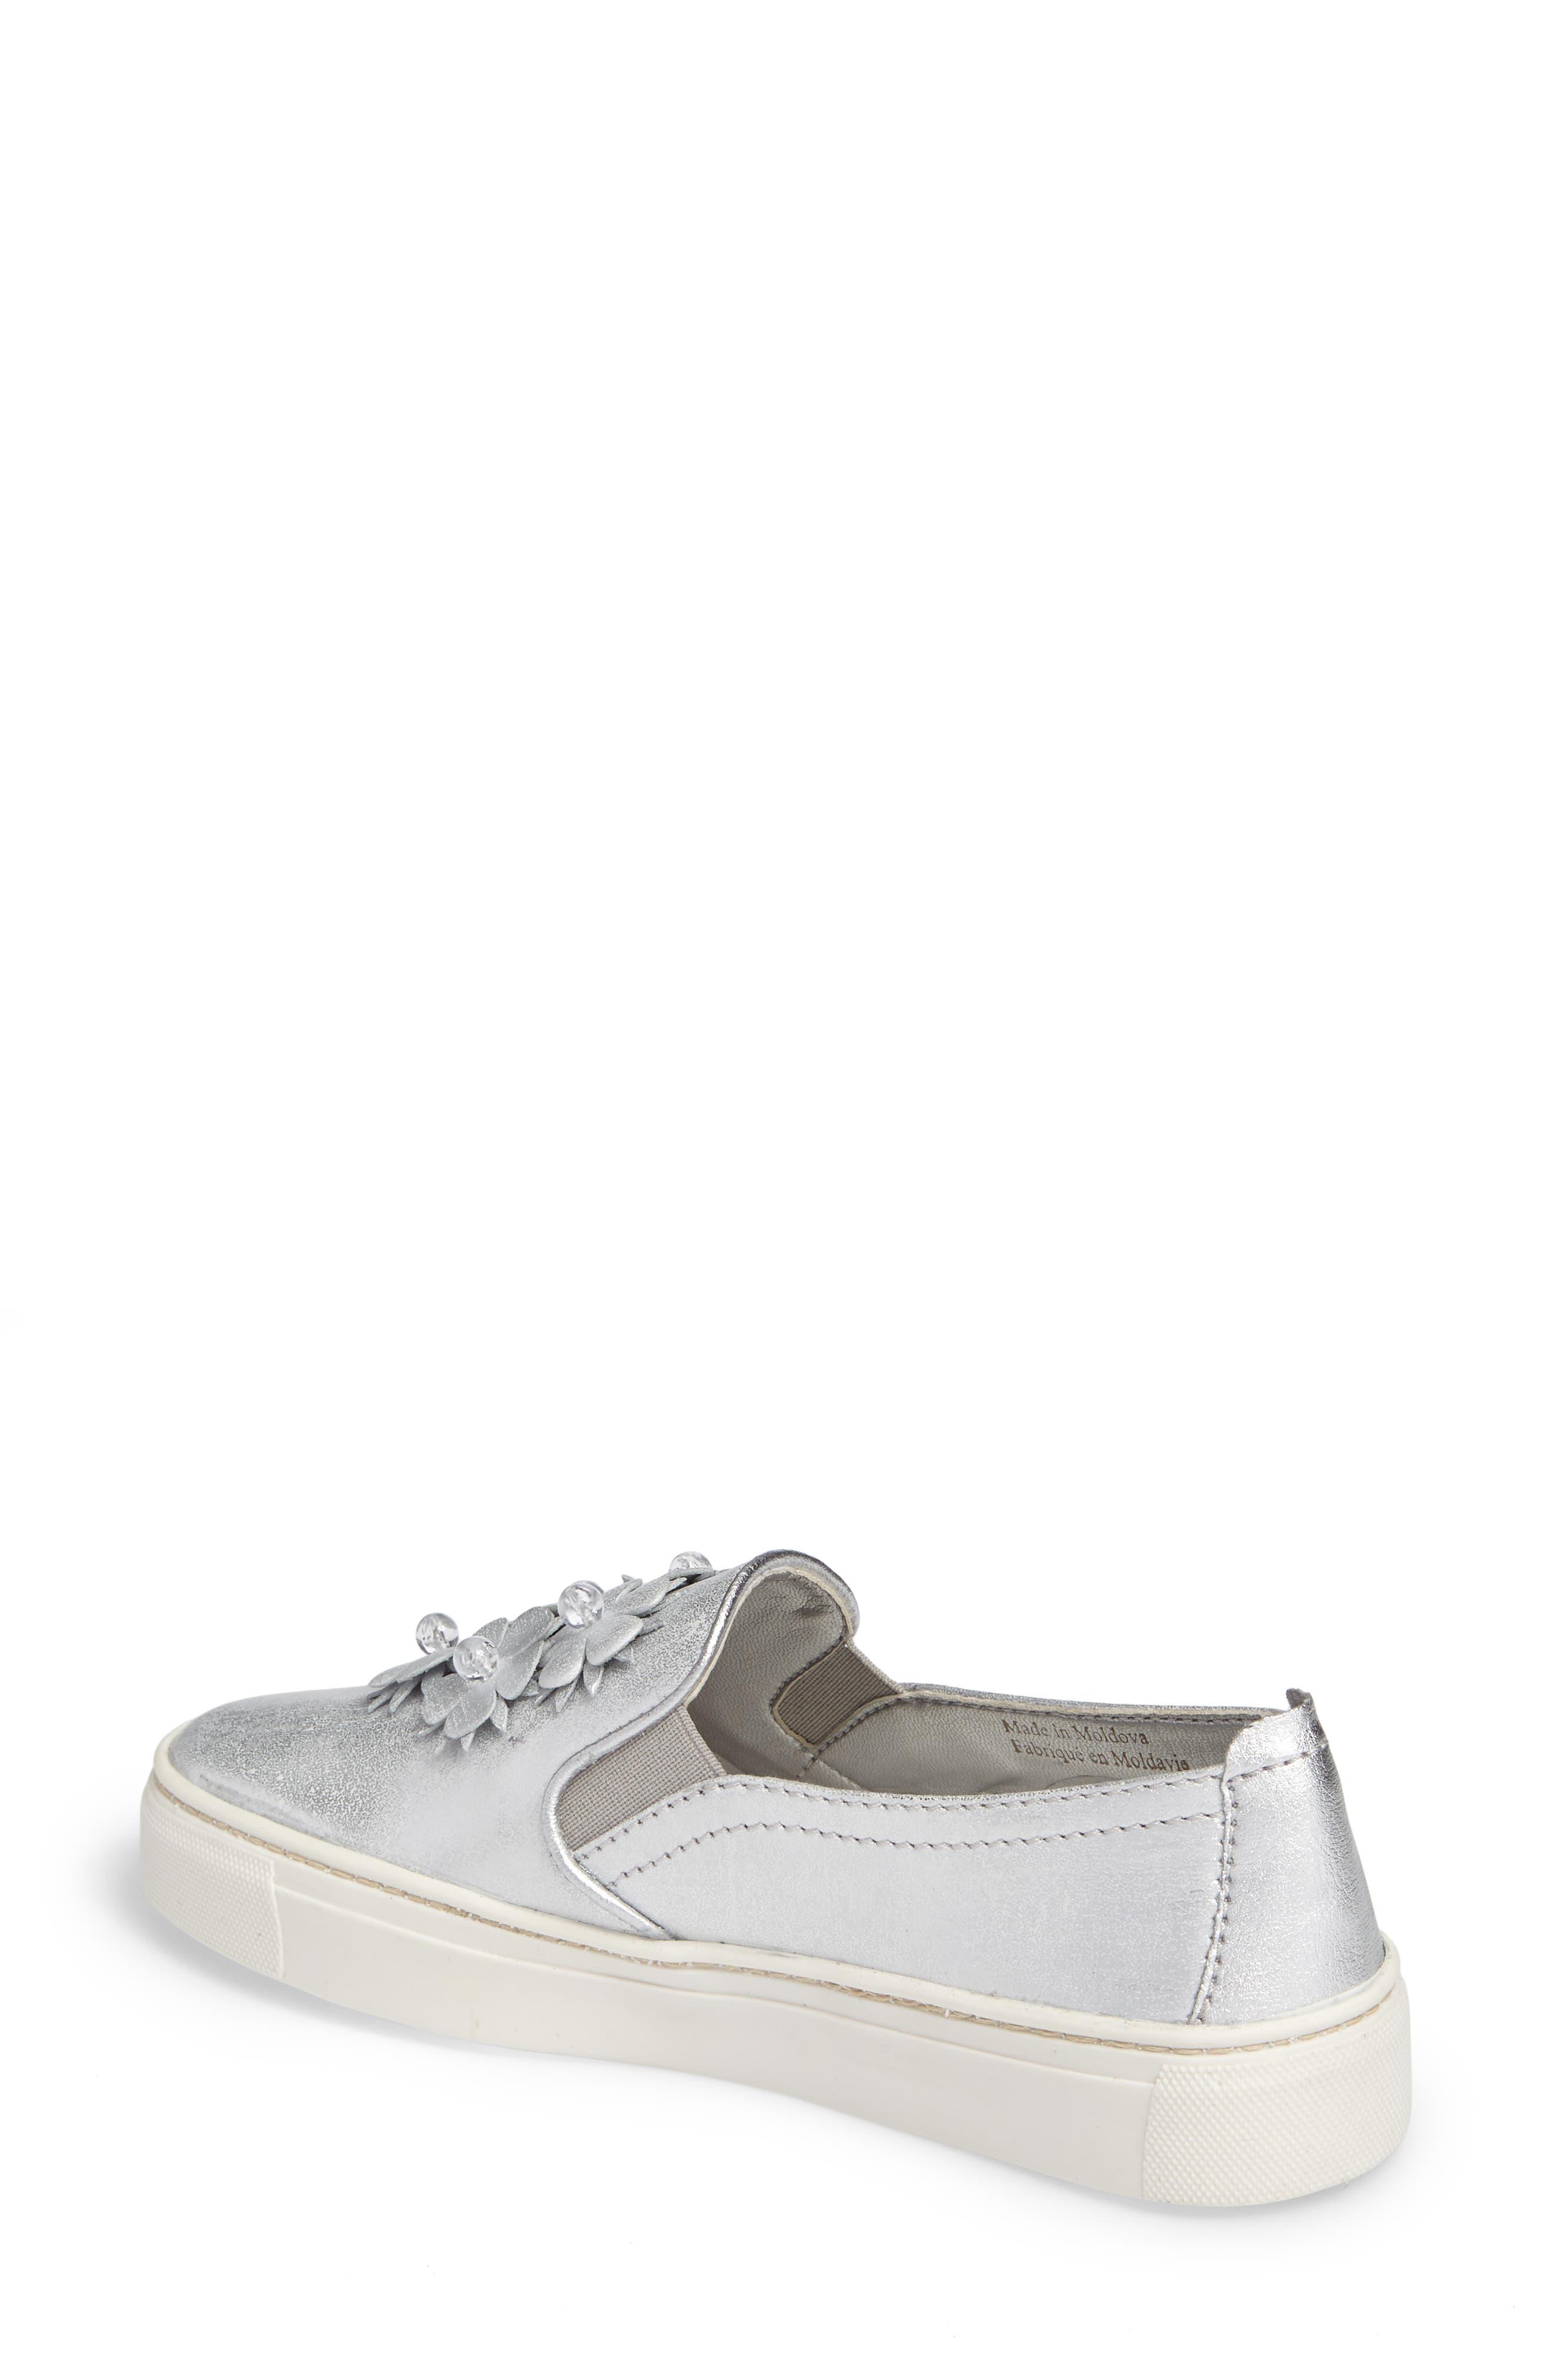 Sneak Blossom Slip-On Sneaker,                             Alternate thumbnail 2, color,                             020